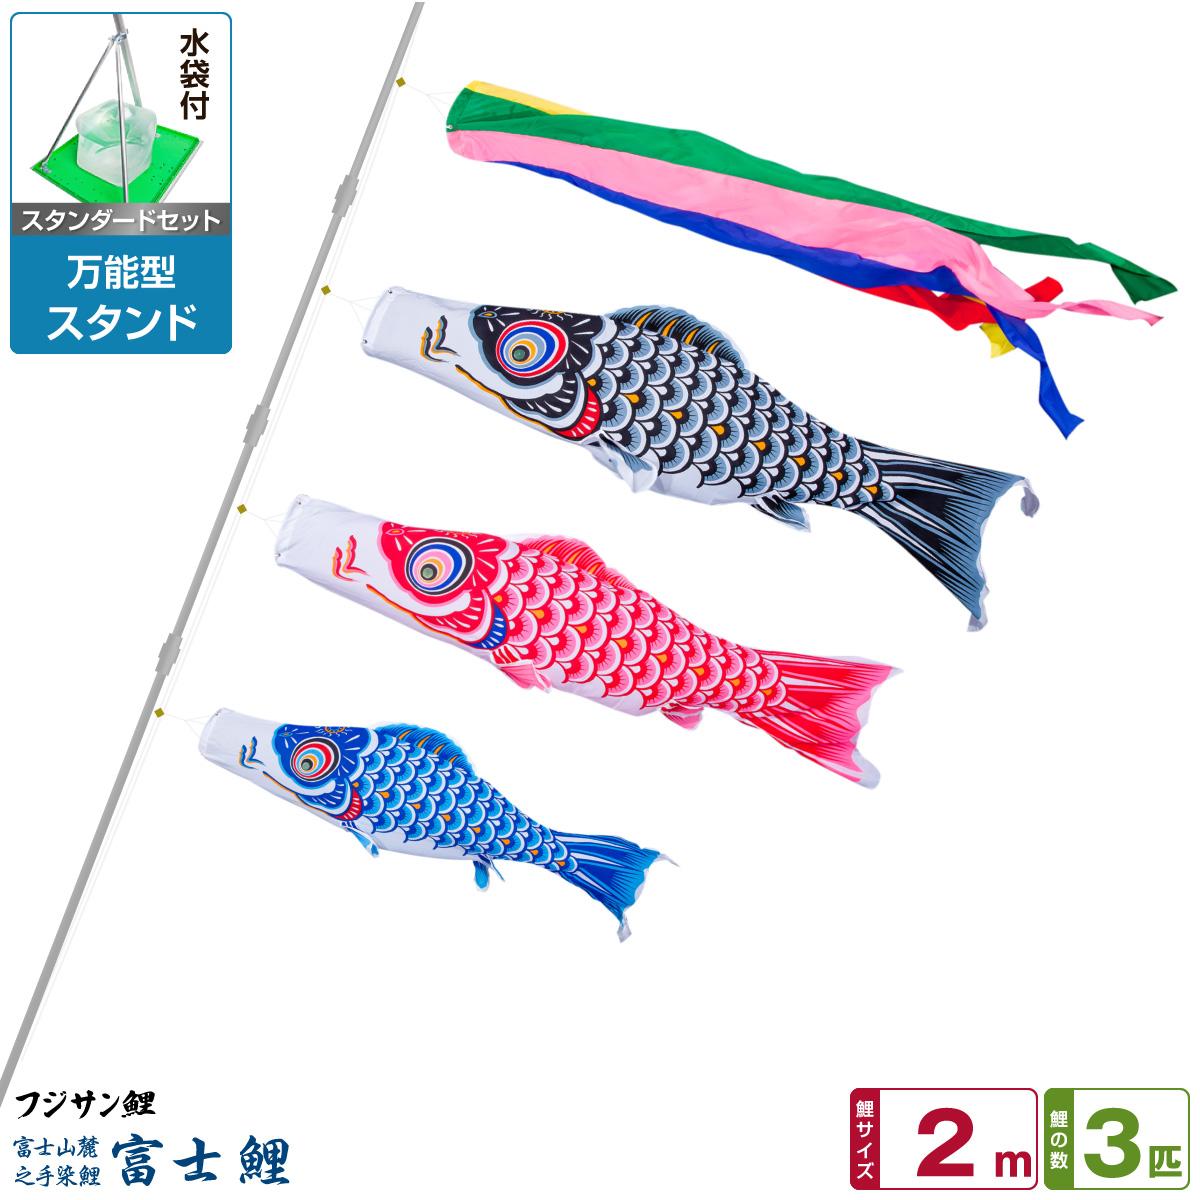 ベランダ用 こいのぼり 鯉のぼり フジサン鯉 富士鯉 2m 6点(吹流し+鯉3匹+矢車+ロープ)/スタンダードセット(万能スタンド)